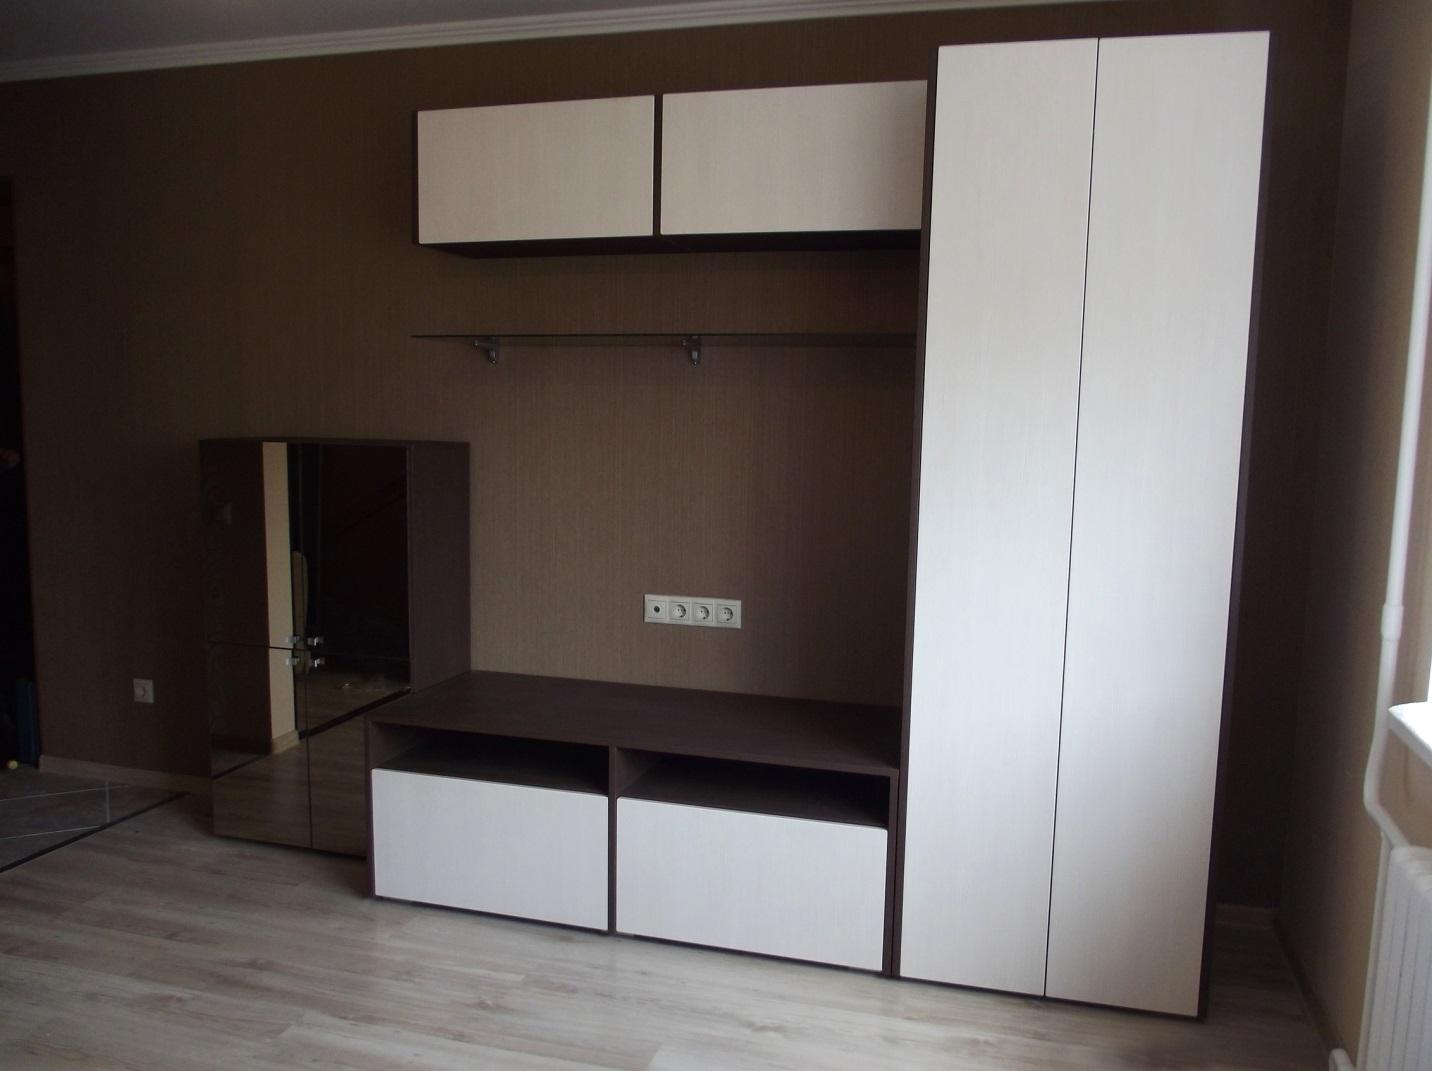 08. Корпусная мебель для гостиной снабжена нажимными механизмами, фасады без ручек.